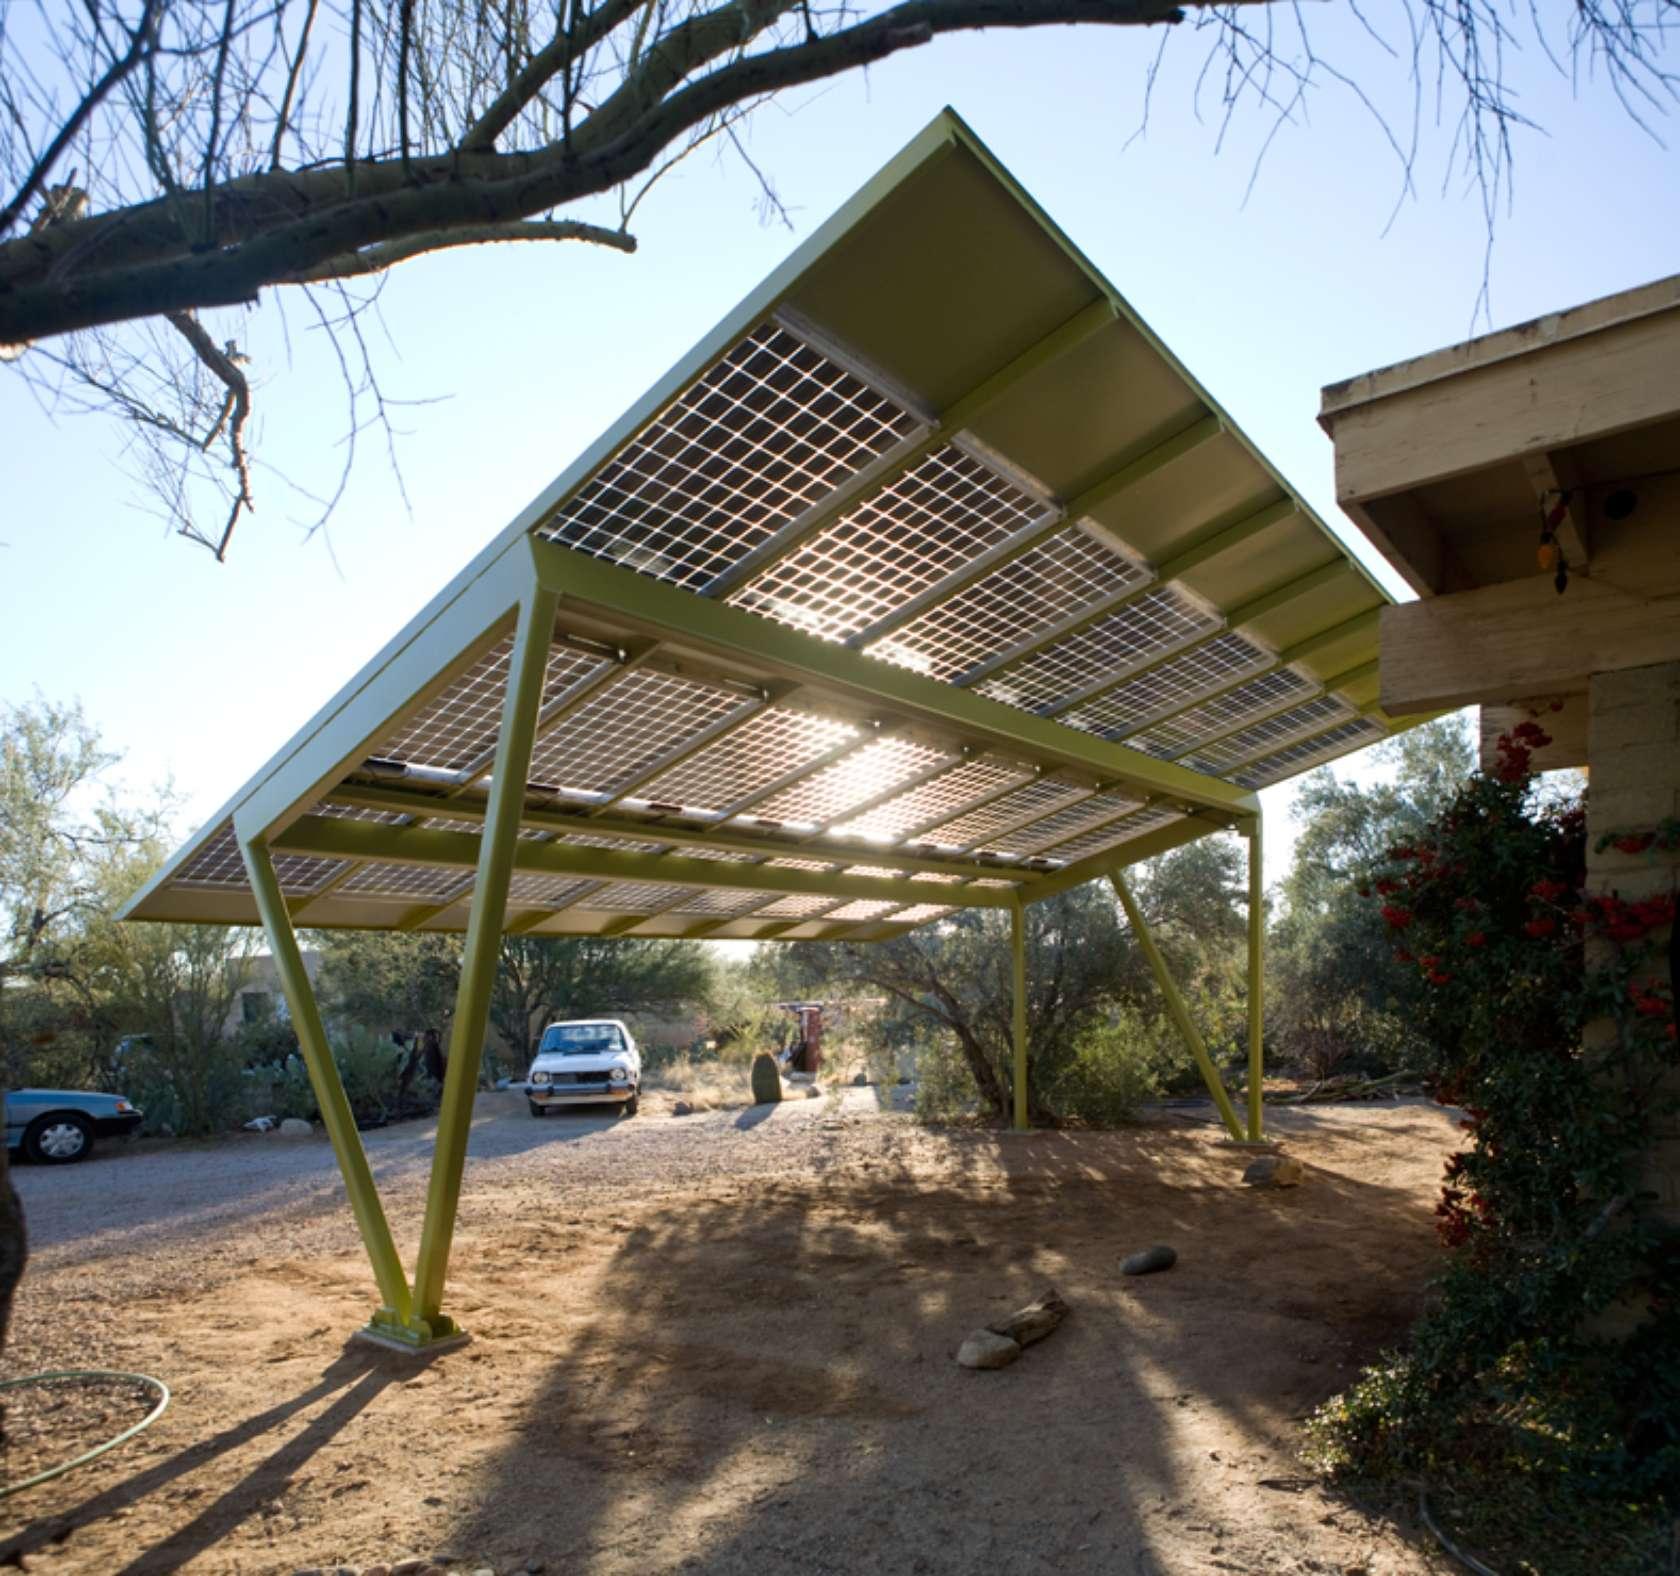 Image Result For Carport Under Modern House: Solar Carport